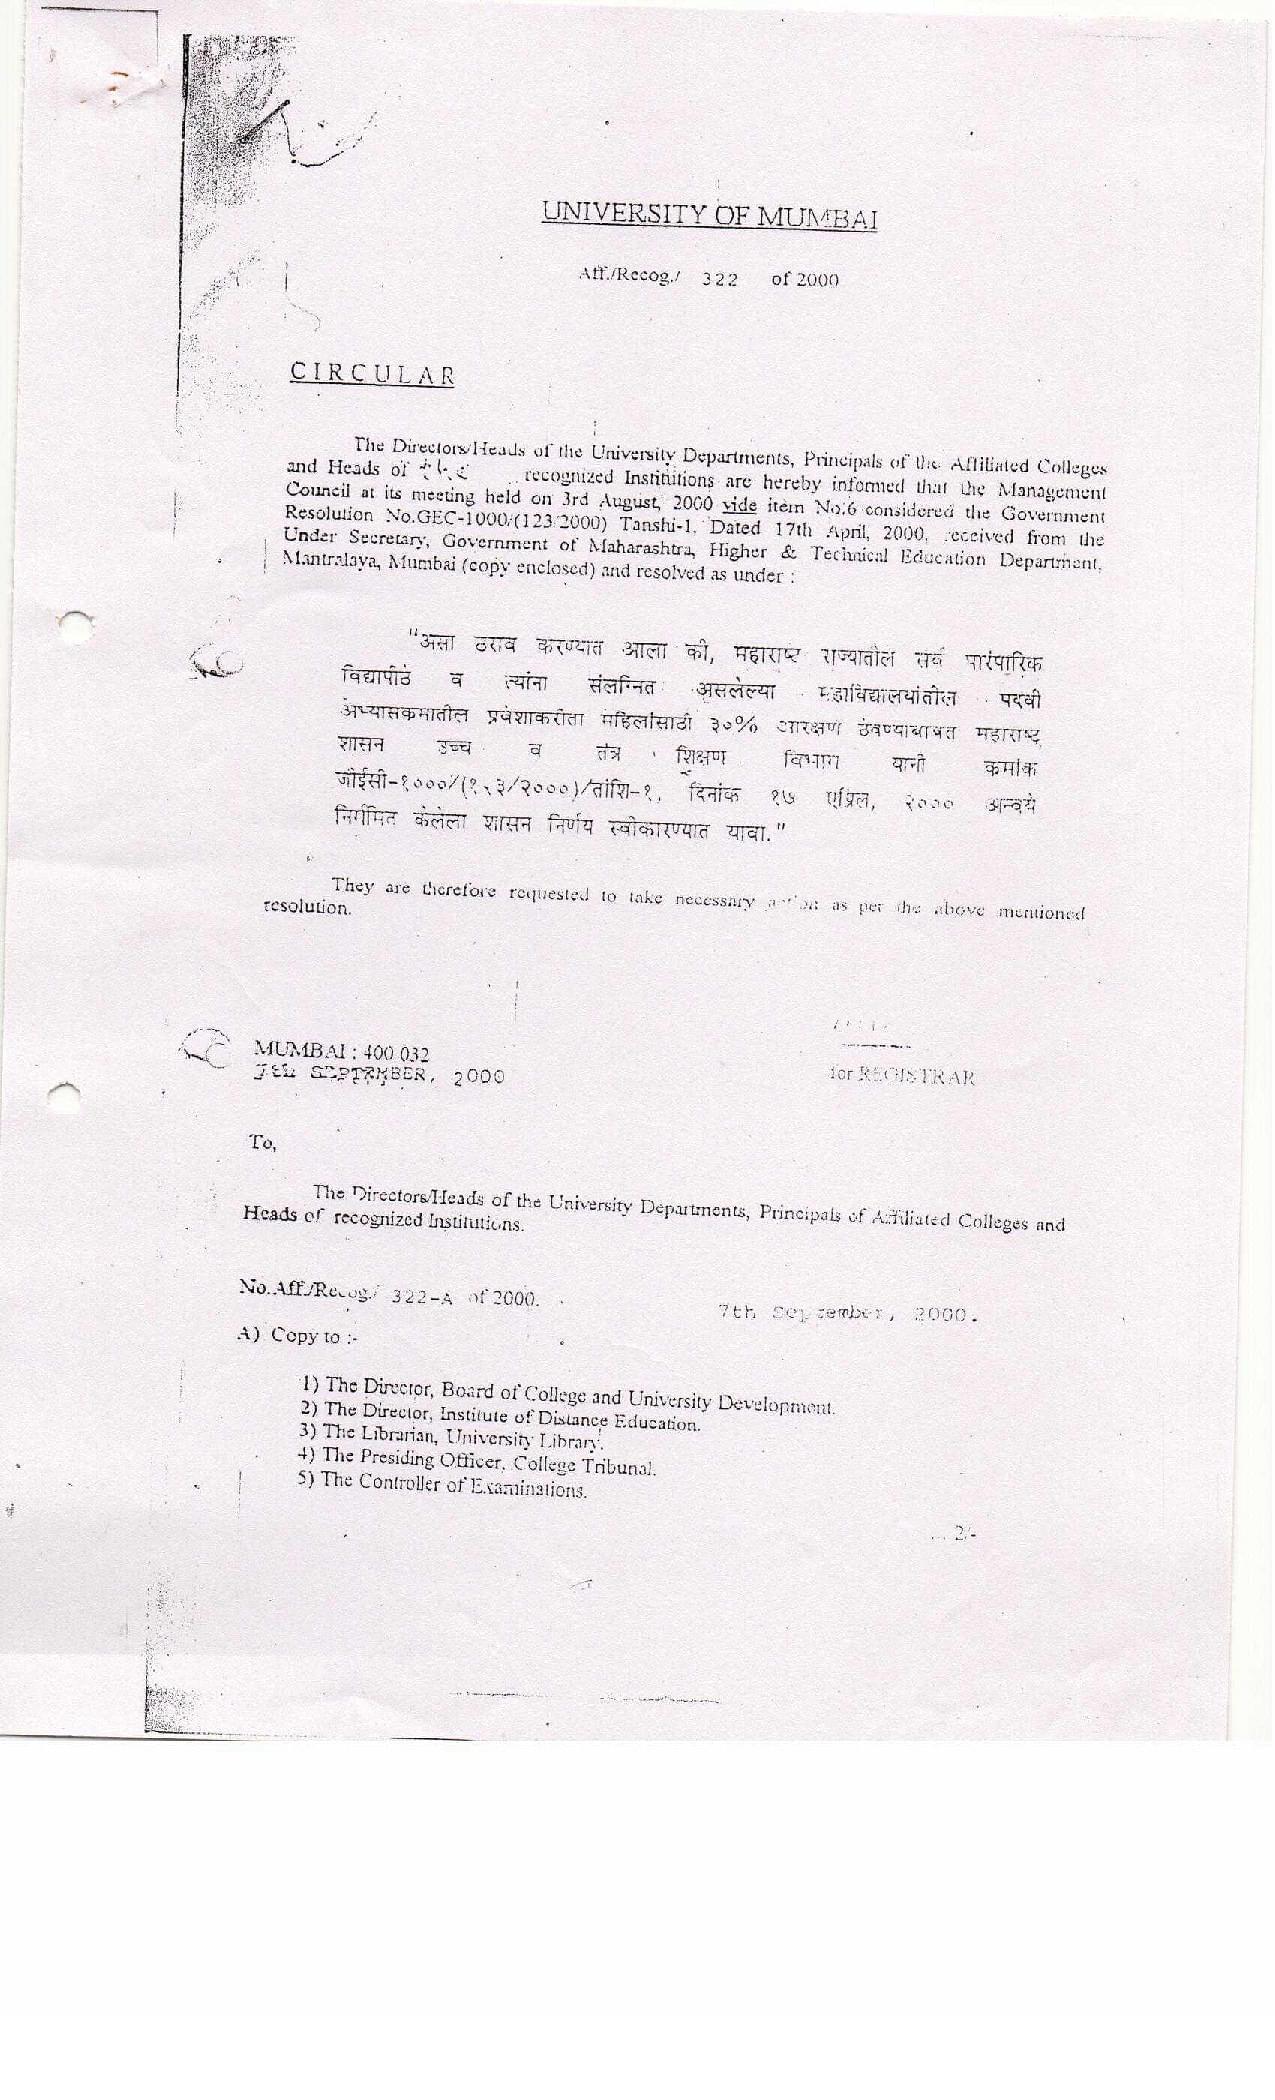 University of mumbai mumbai admissions contact website 2017revised malvernweather Choice Image